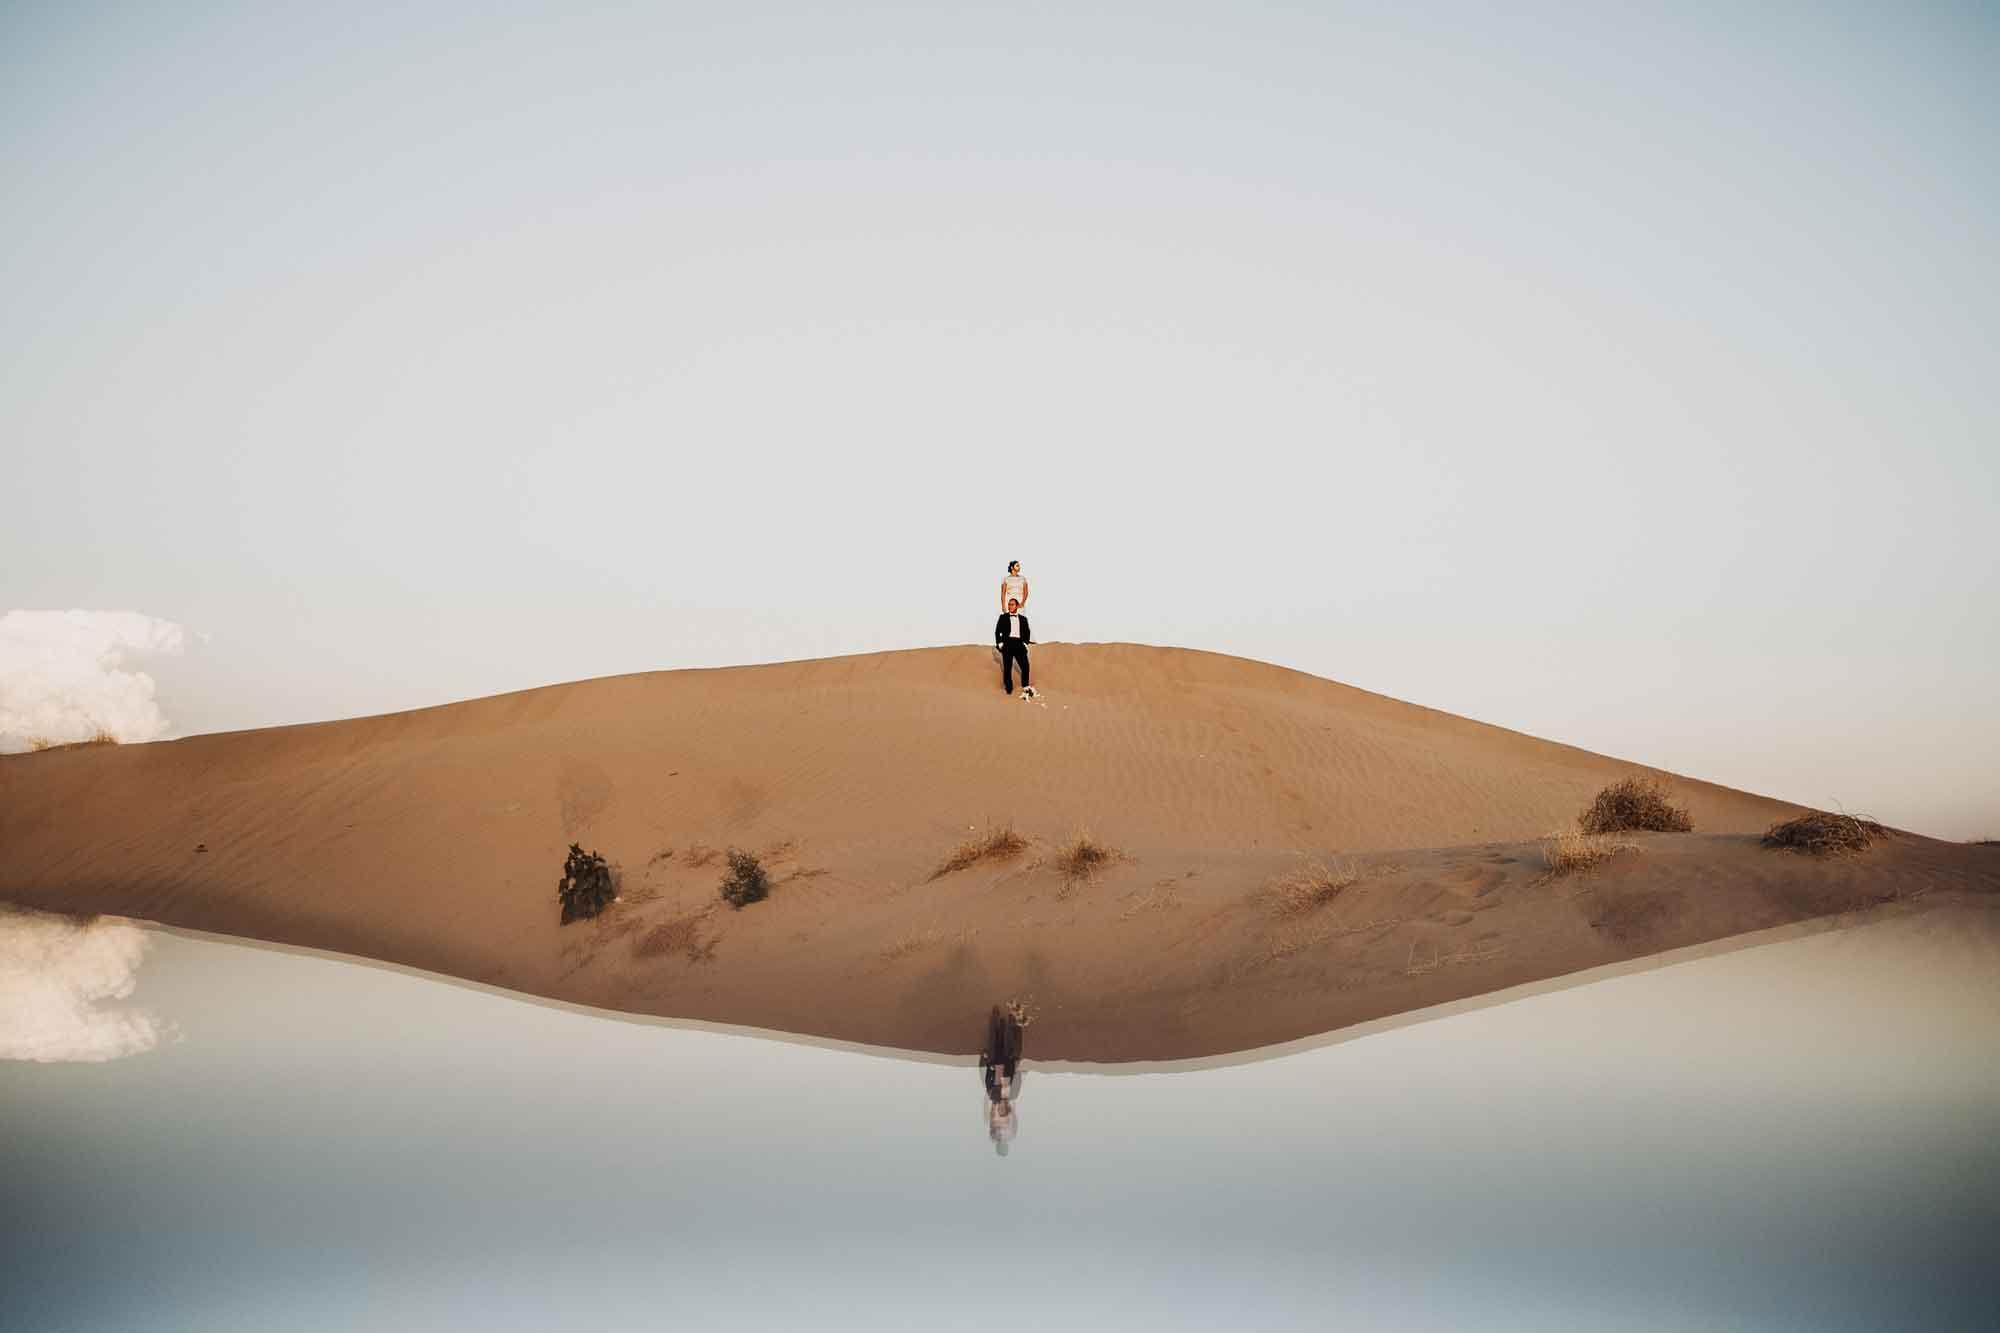 elena-barbosa--light-walkers-photografilm--workshops-cursos-de-fotografia-fotofest--saltillo-coahuila--mx6